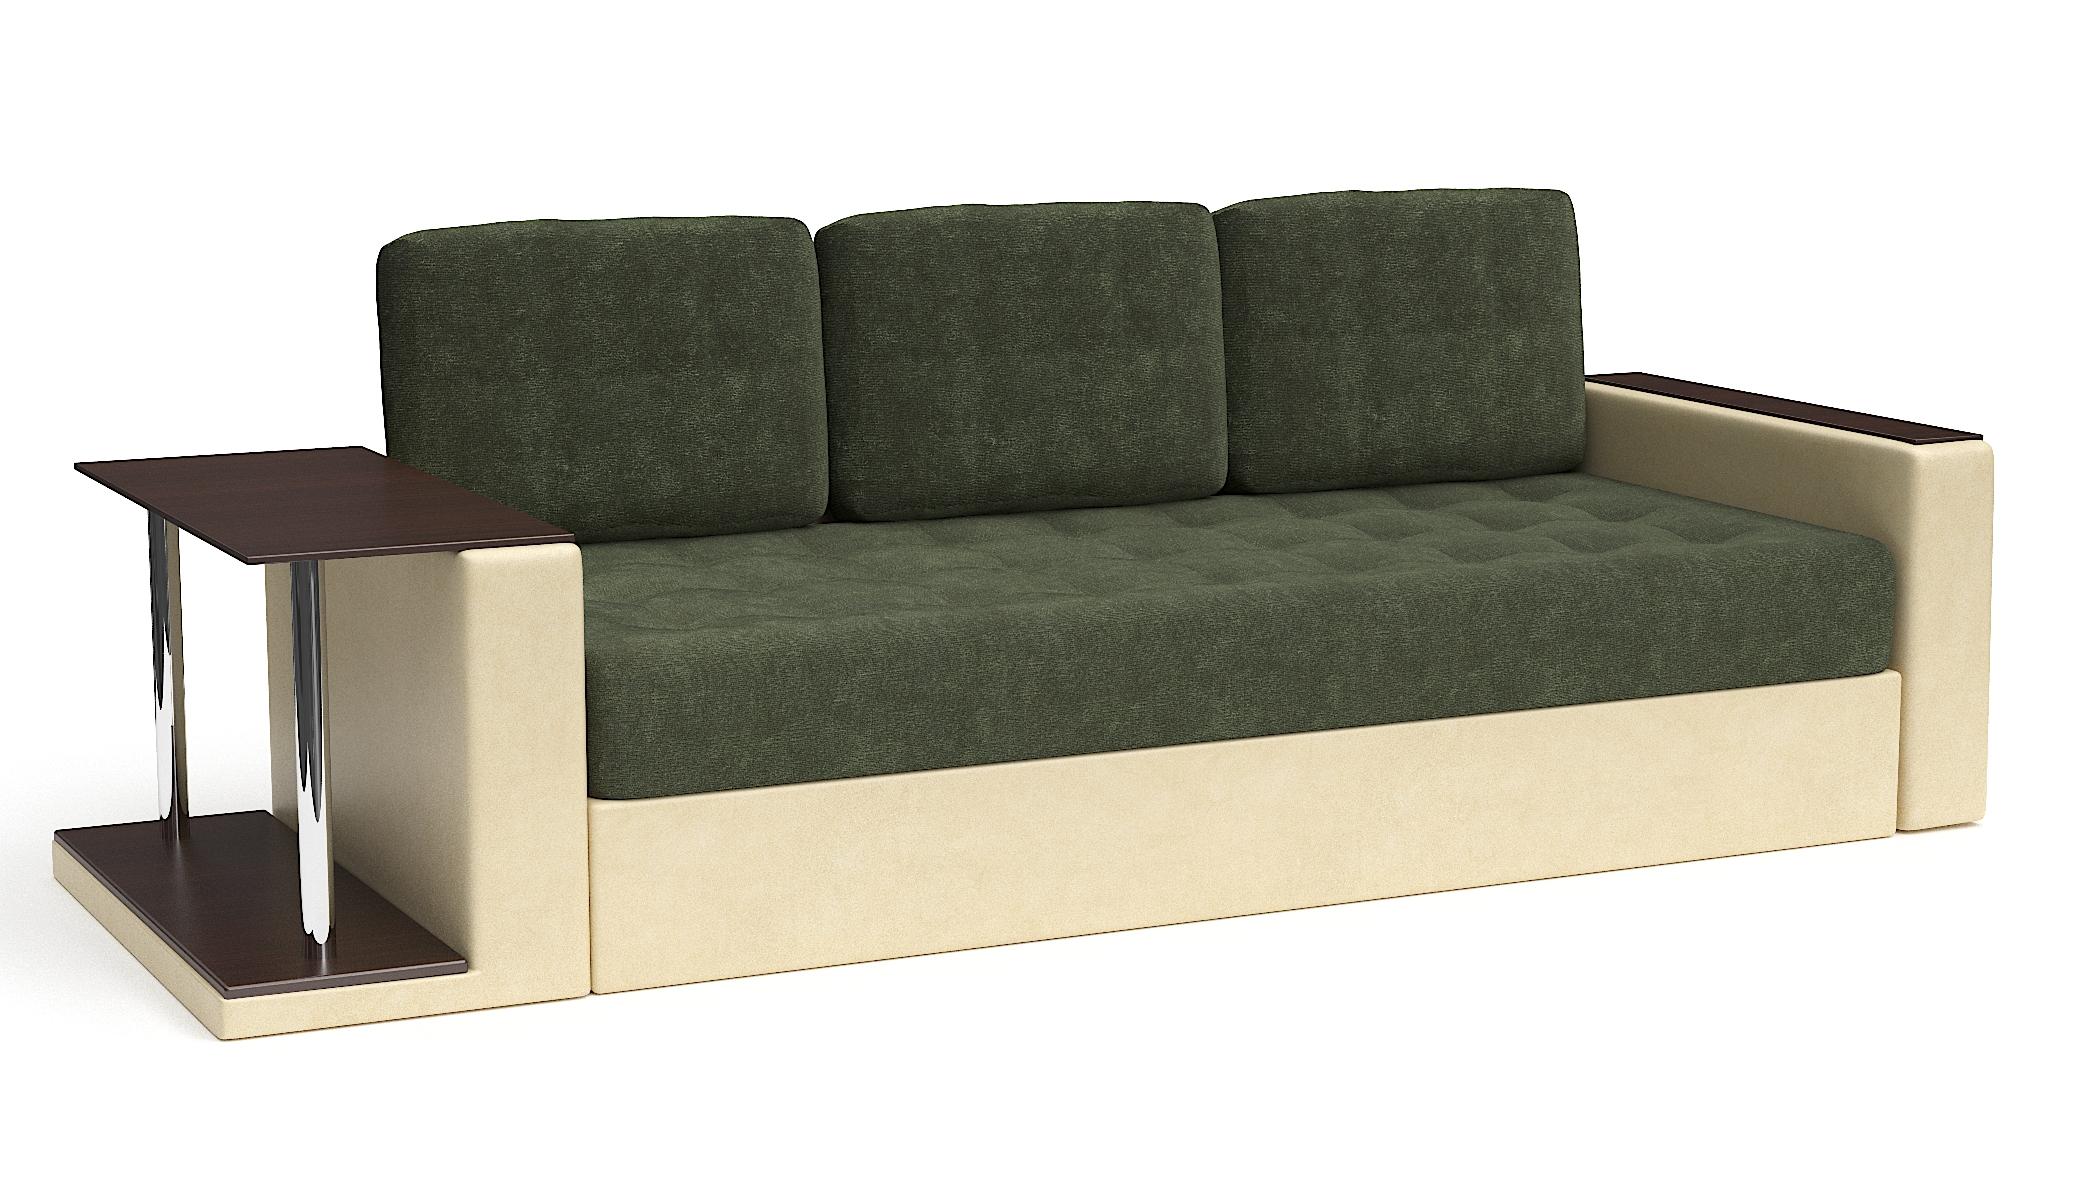 Прямой диван Фларенсия со столом еврокнижка зеленый велюр + бежевая экокожа